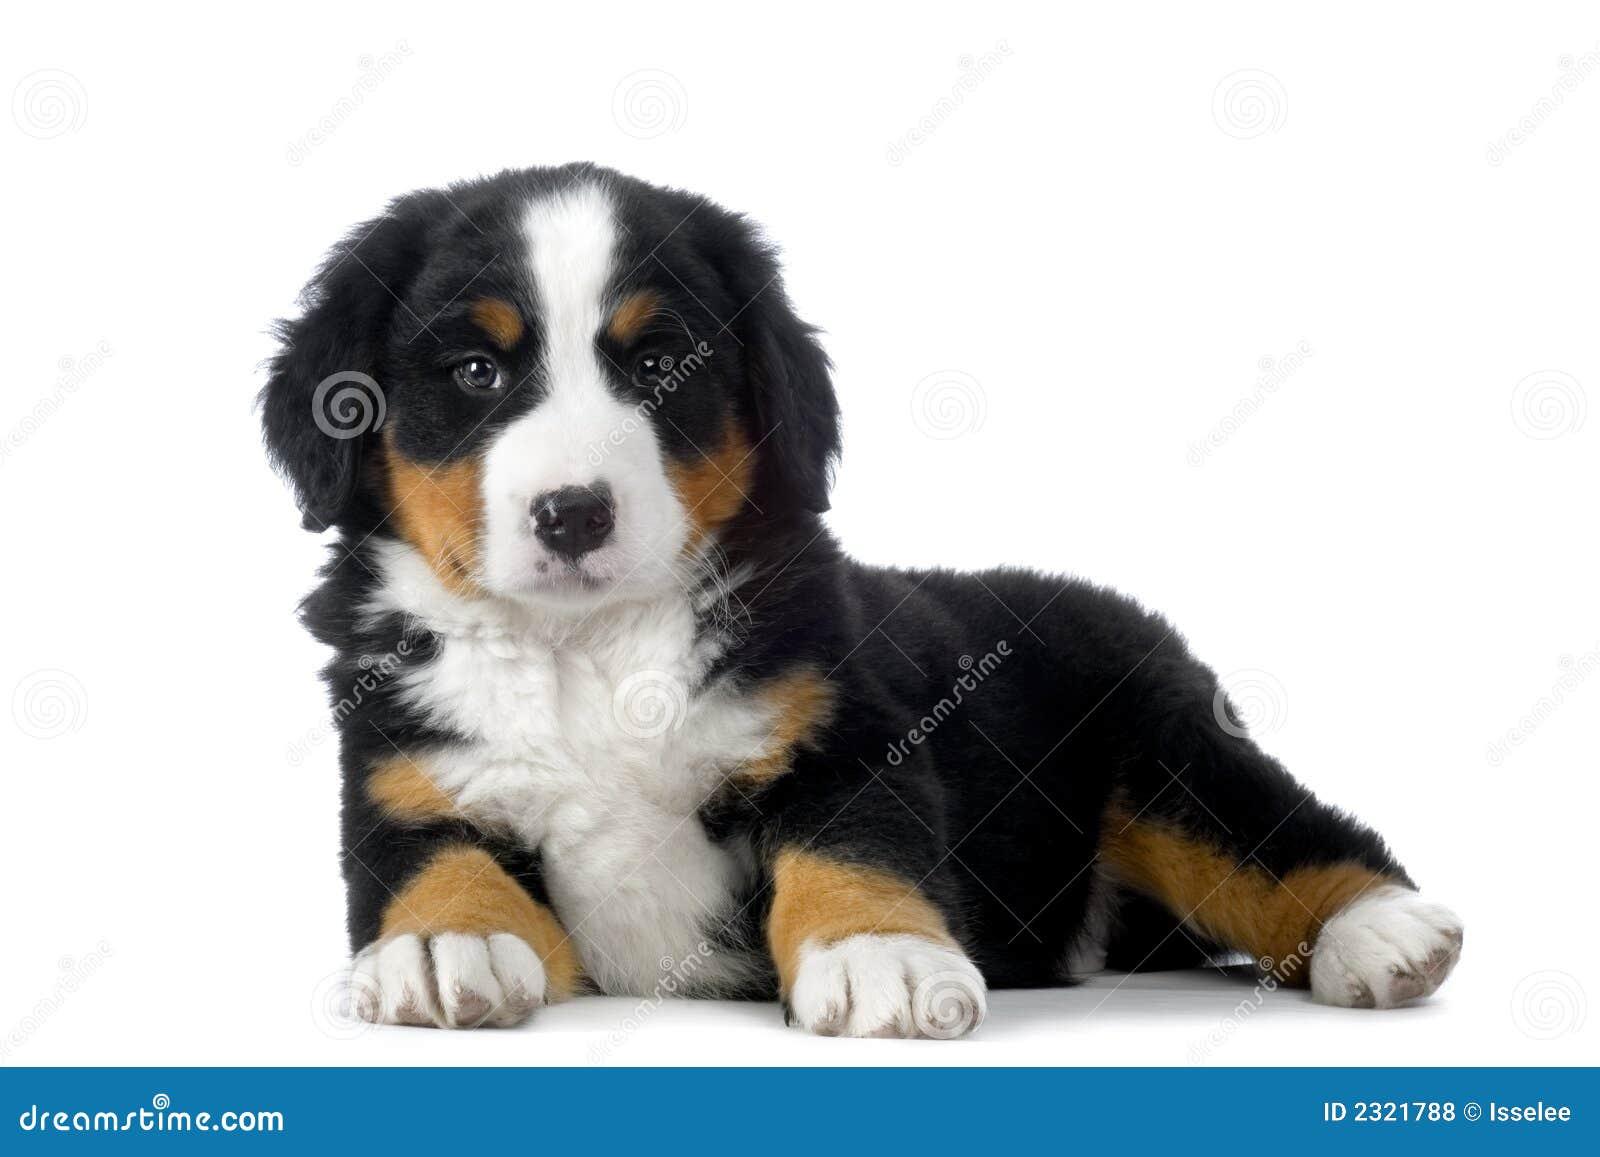 Bernese Mountain Dog Puppy Walking